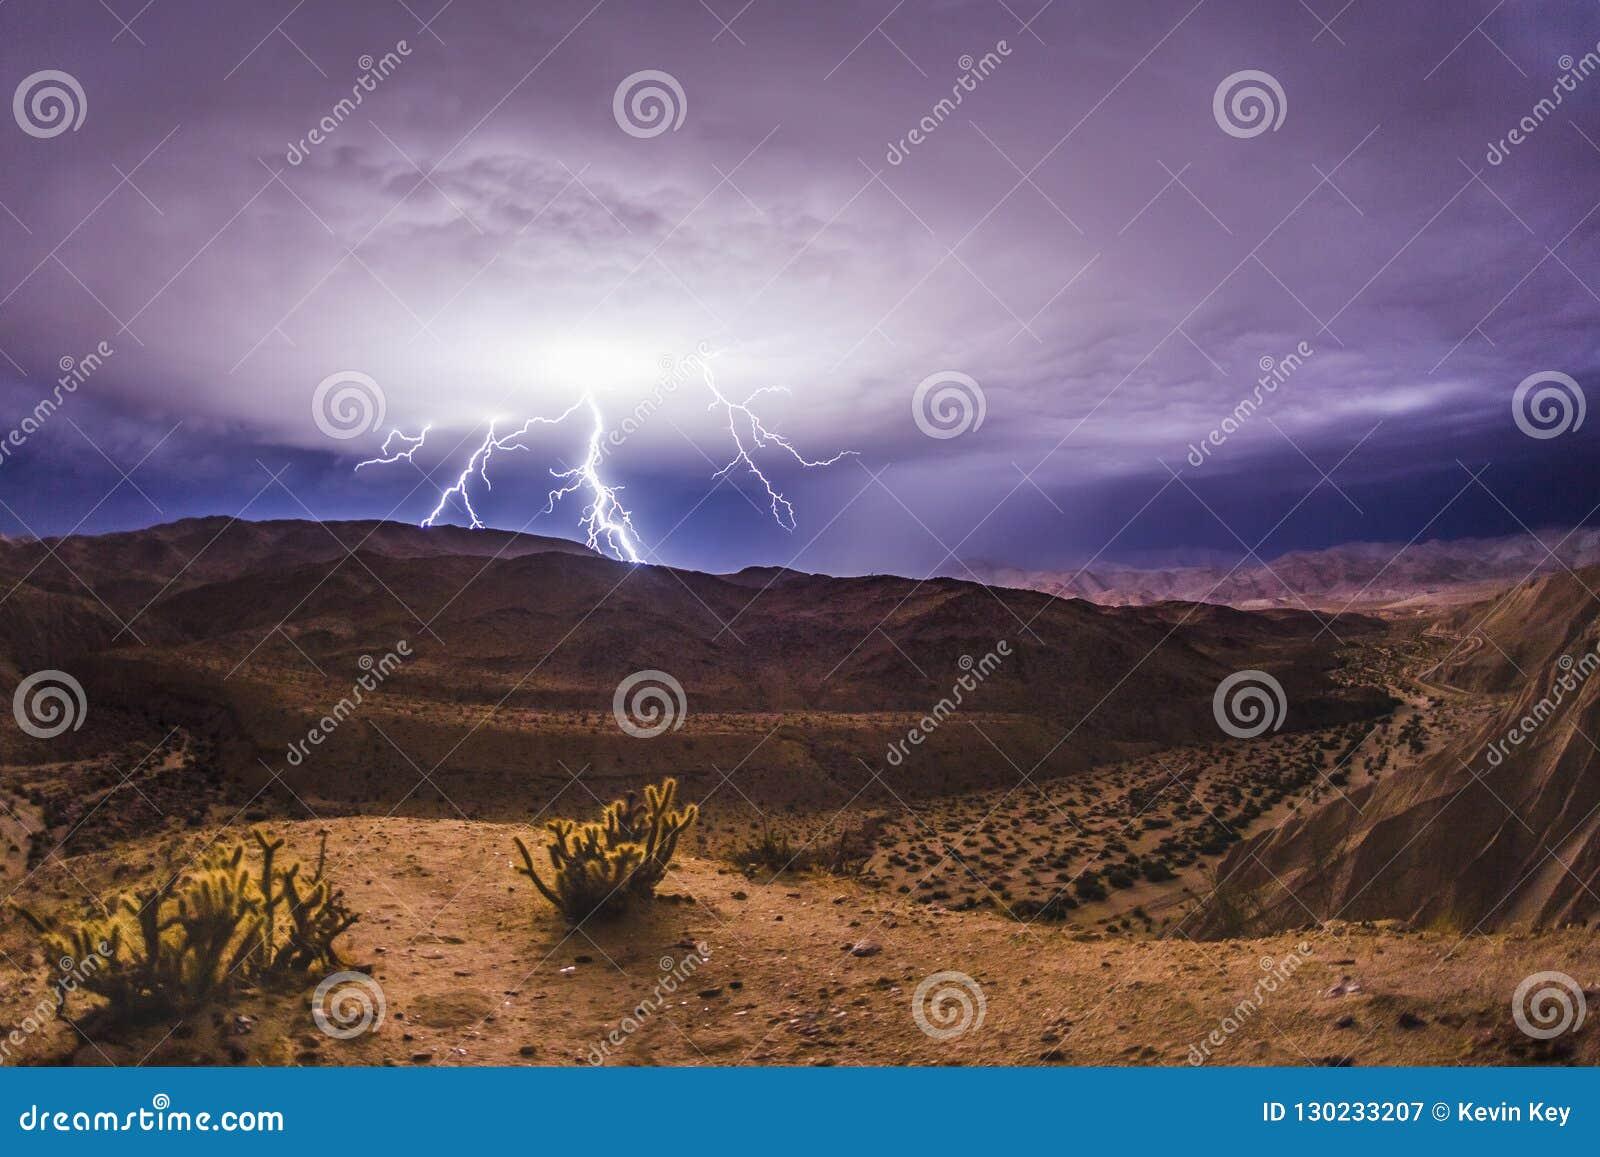 史诗闪电和雷暴在加利福尼亚南部沙漠